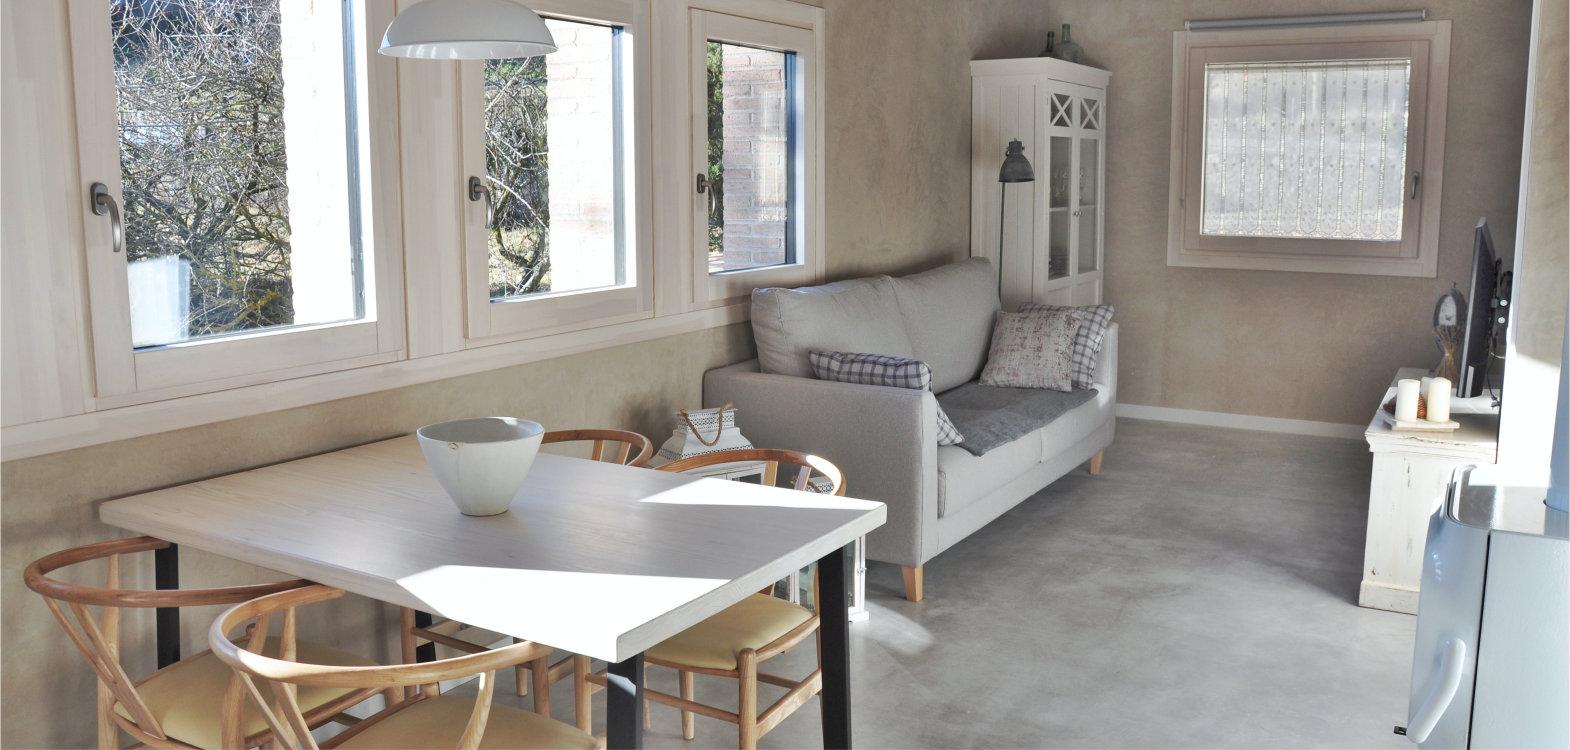 ventanas de madera aluminio con triple acristalamiento aislamiento termico seguridad carrete finestres l'era den bella solsones